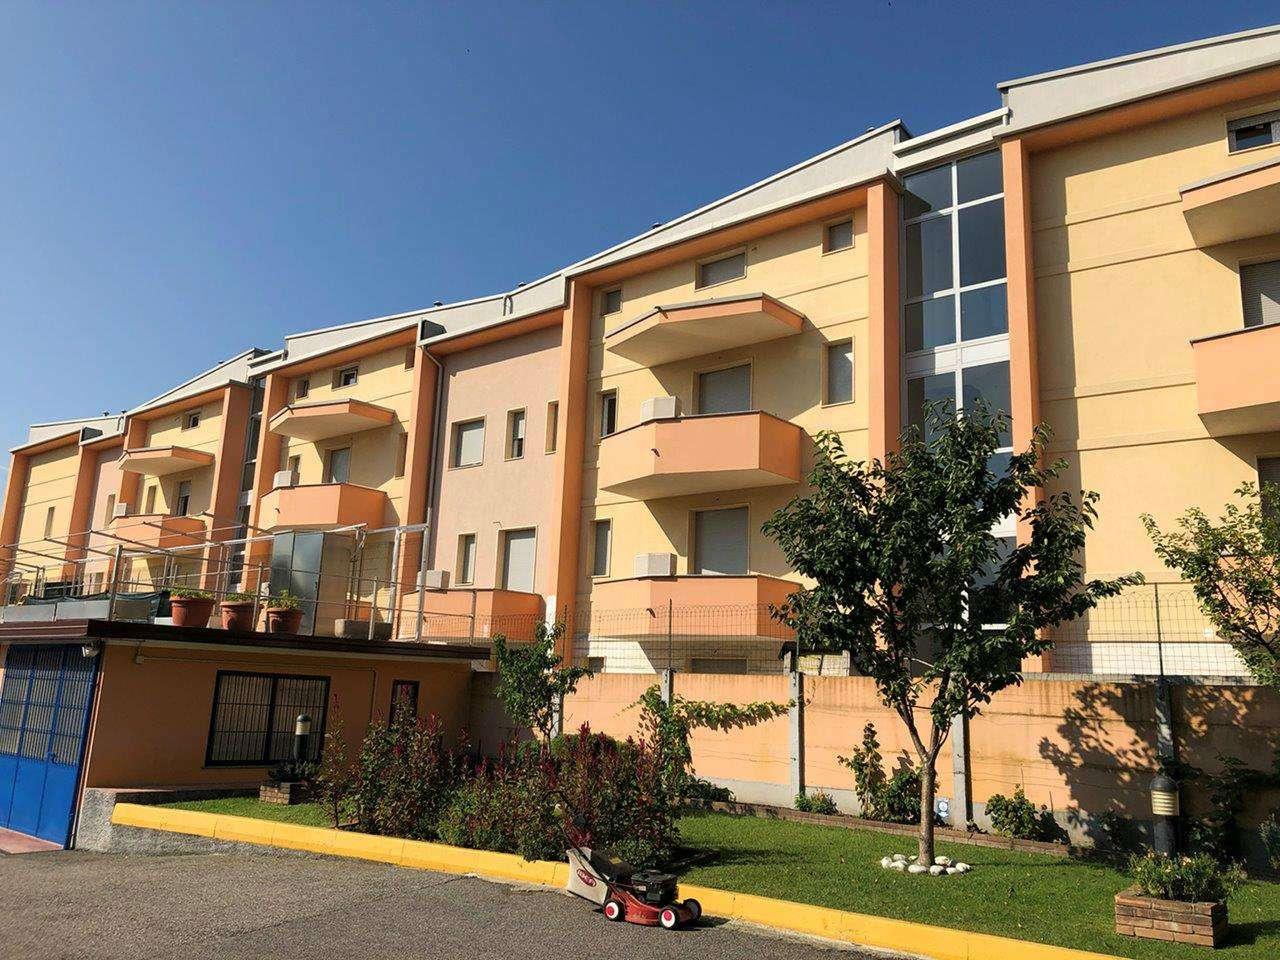 Appartamento in vendita a Muggiò, 3 locali, prezzo € 243.000 | PortaleAgenzieImmobiliari.it